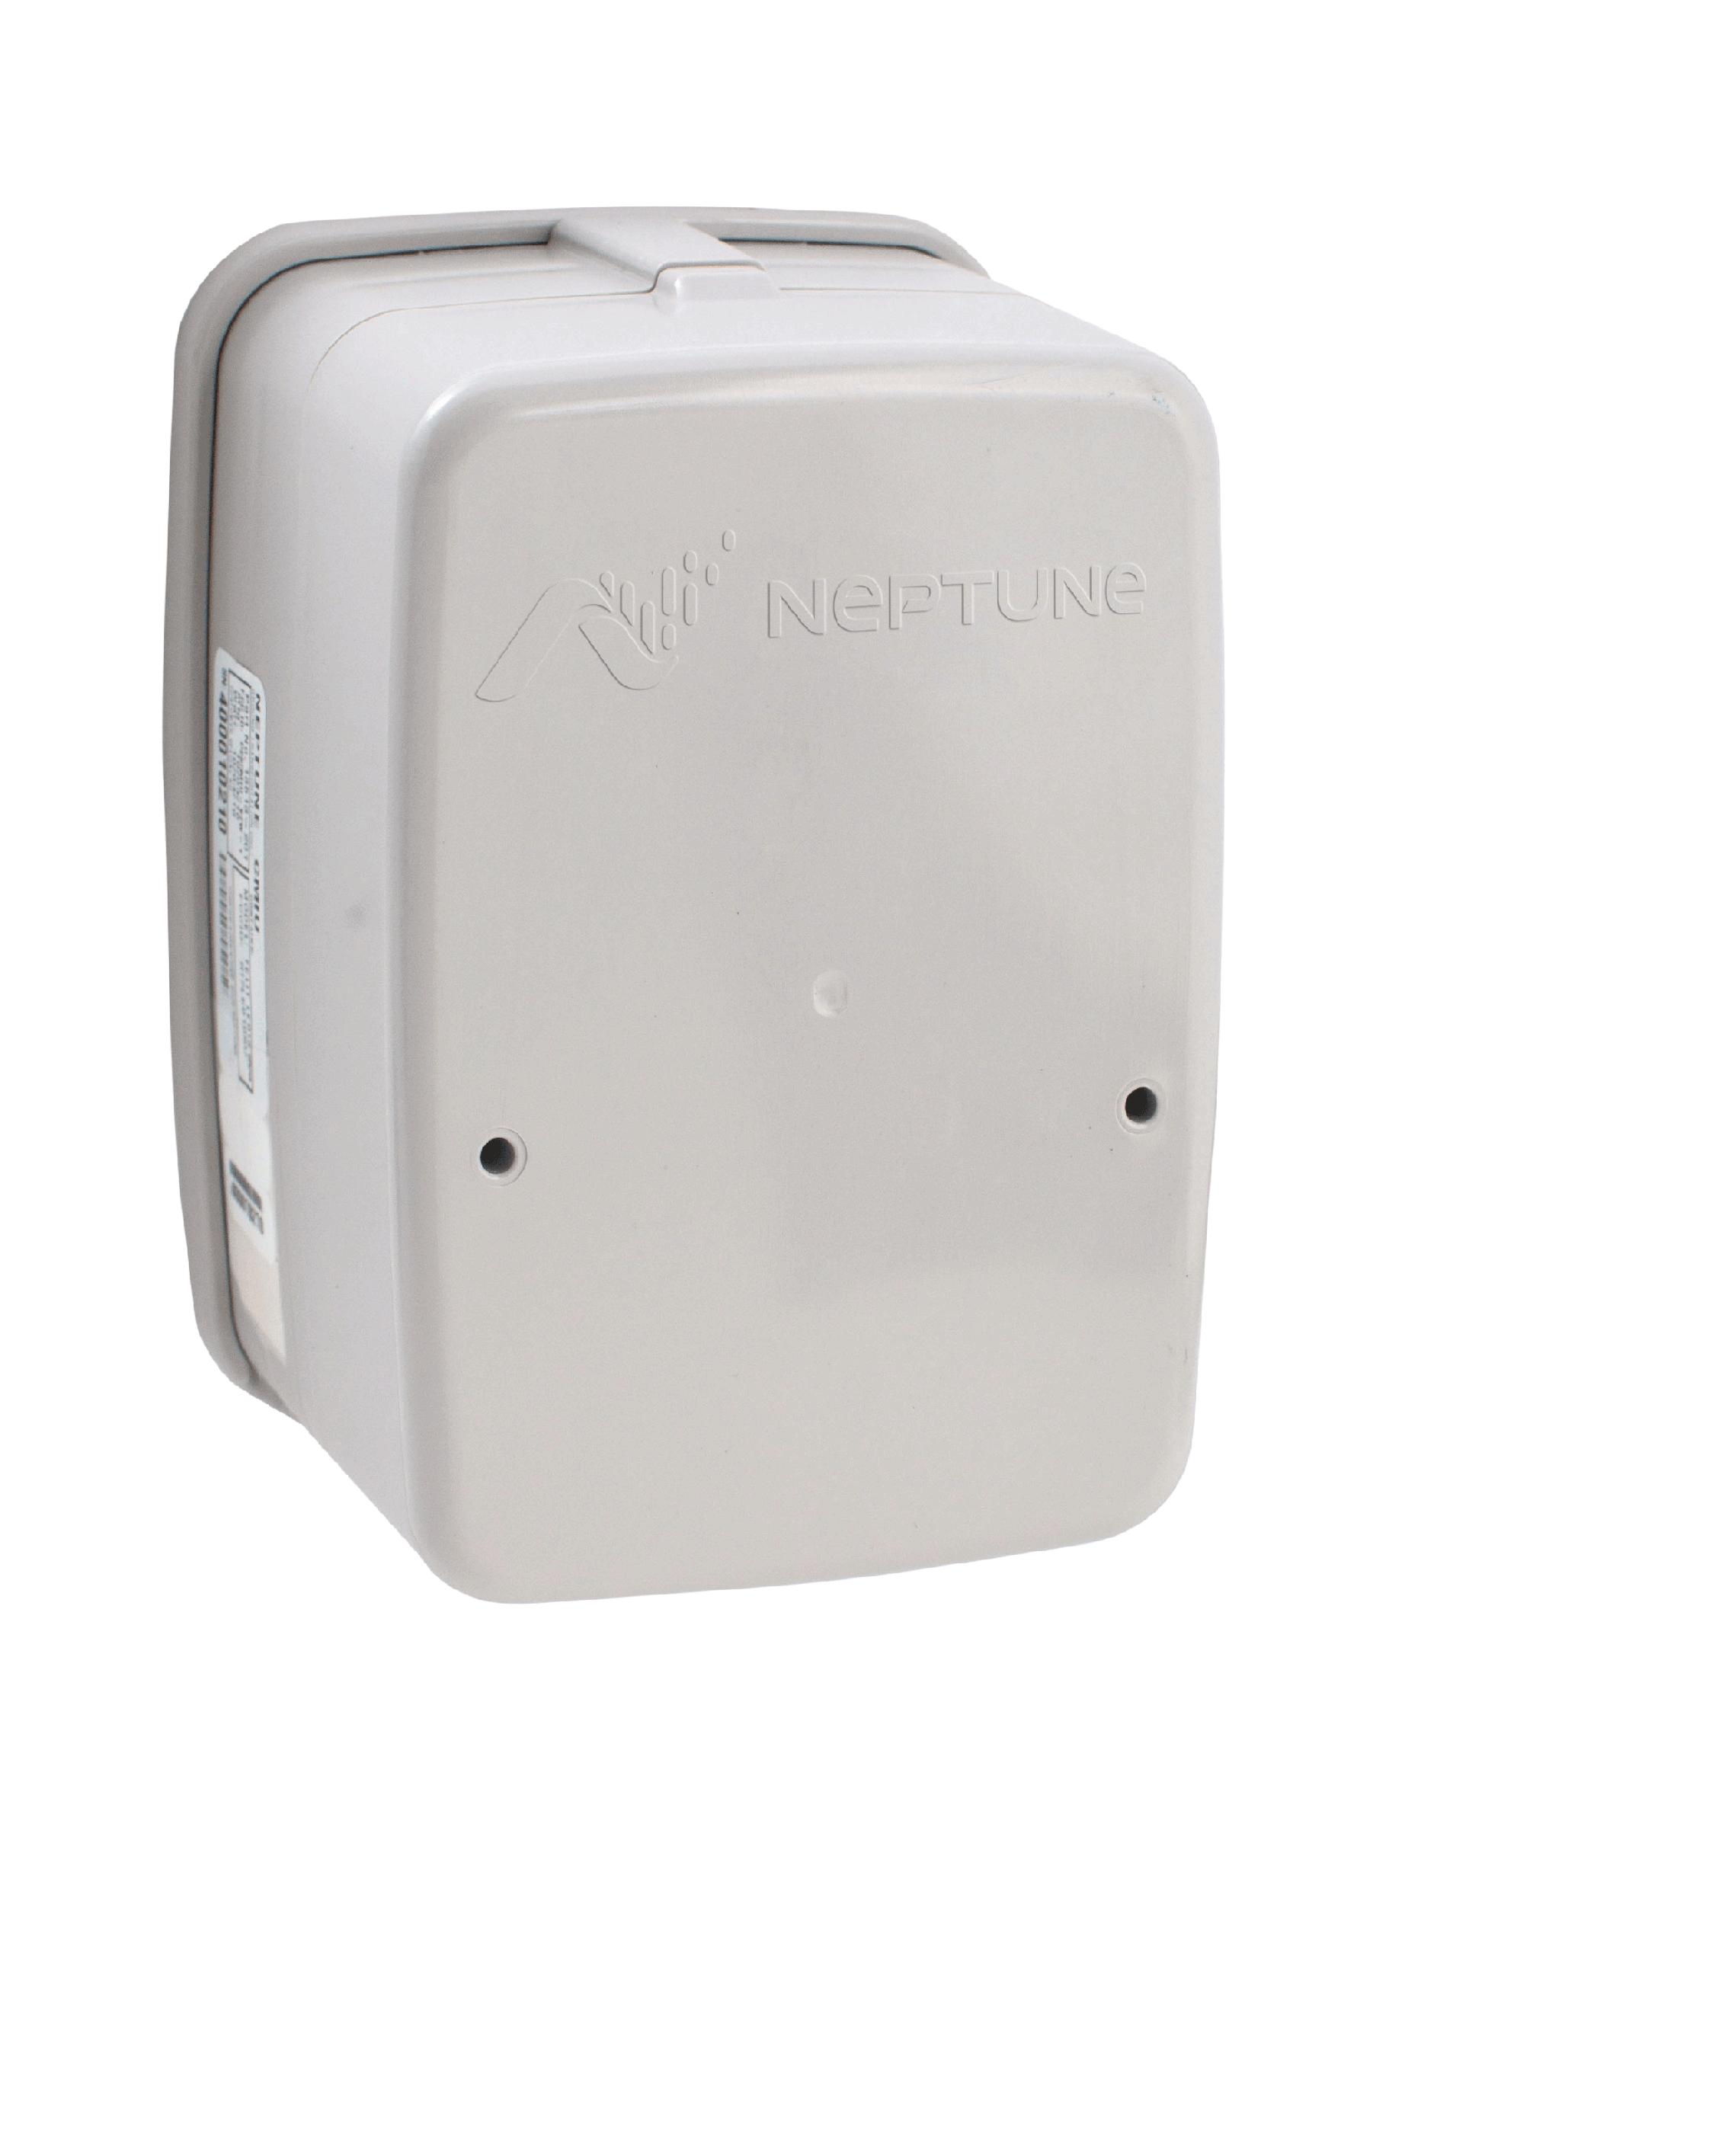 CMIU® Cellular Meter Interface Unit - Wall Mount